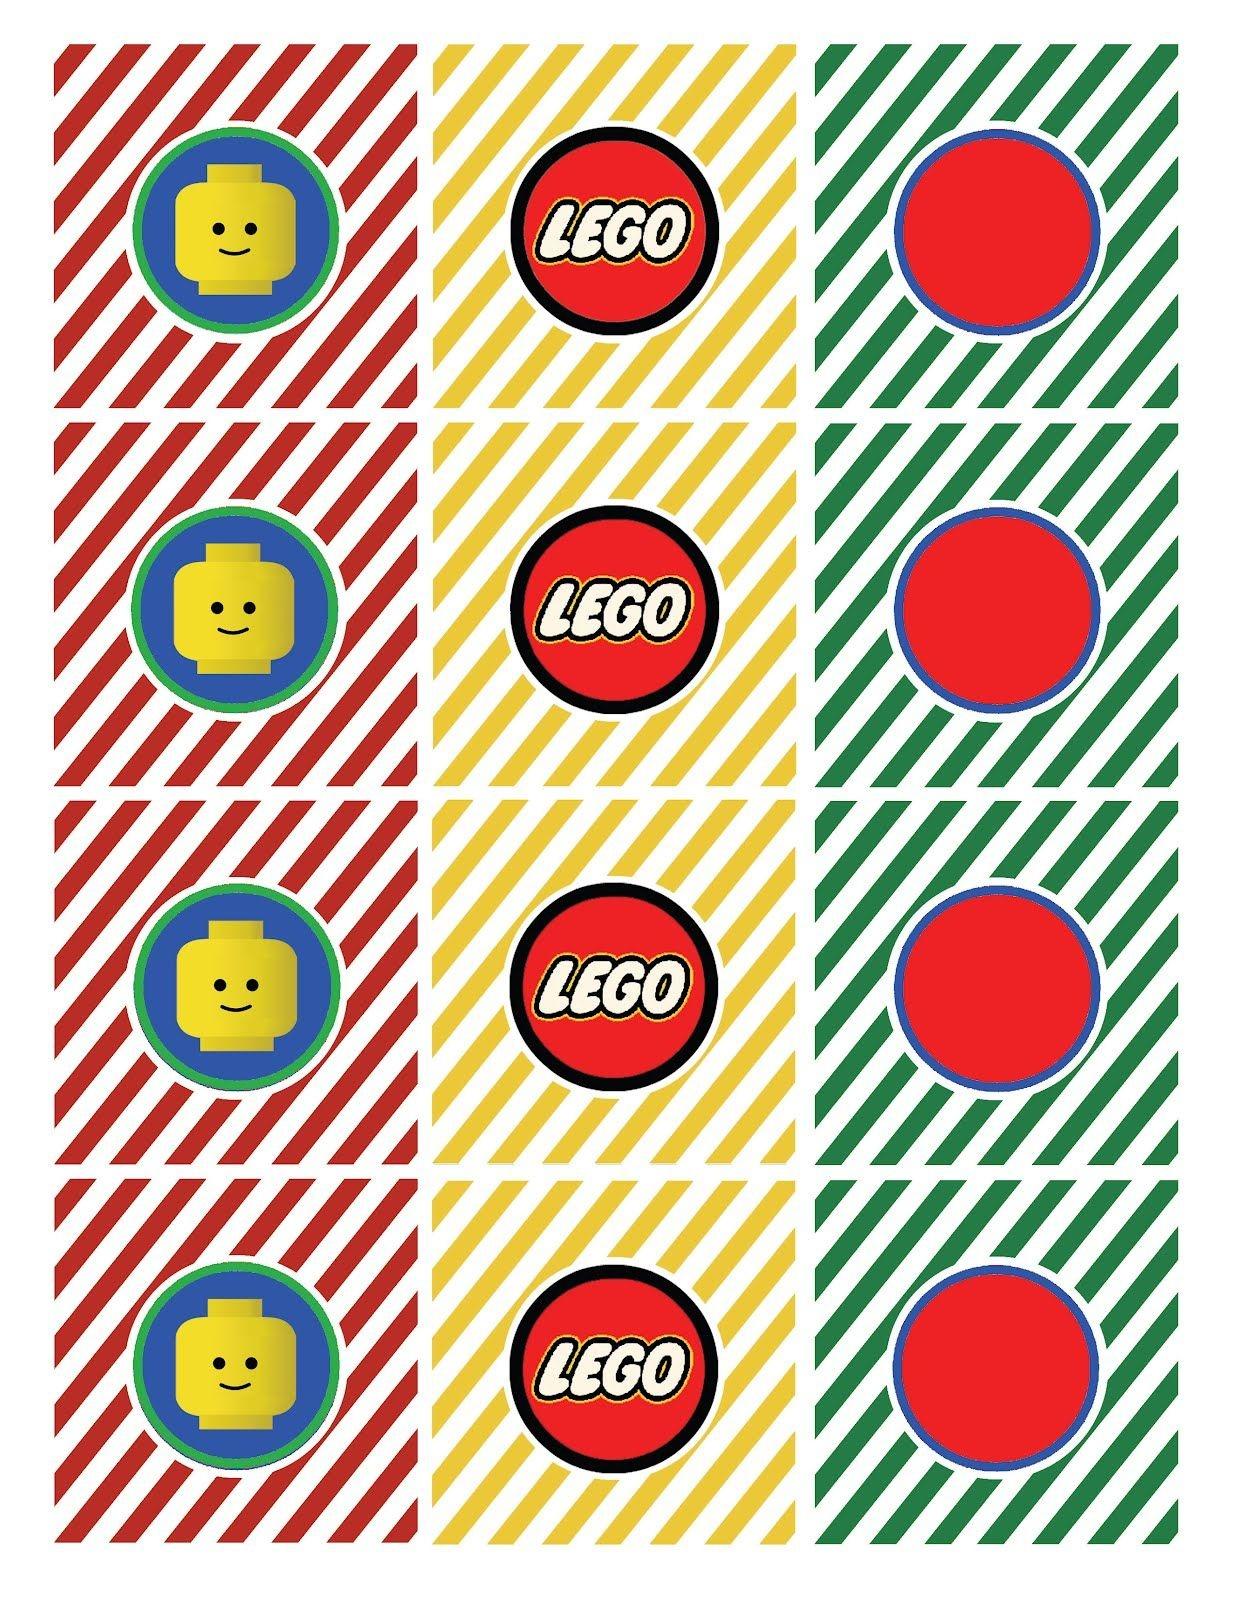 Free Lego Printables | Lego Straw Flag Says Drink Me Lego Tented - Free Lego Printables